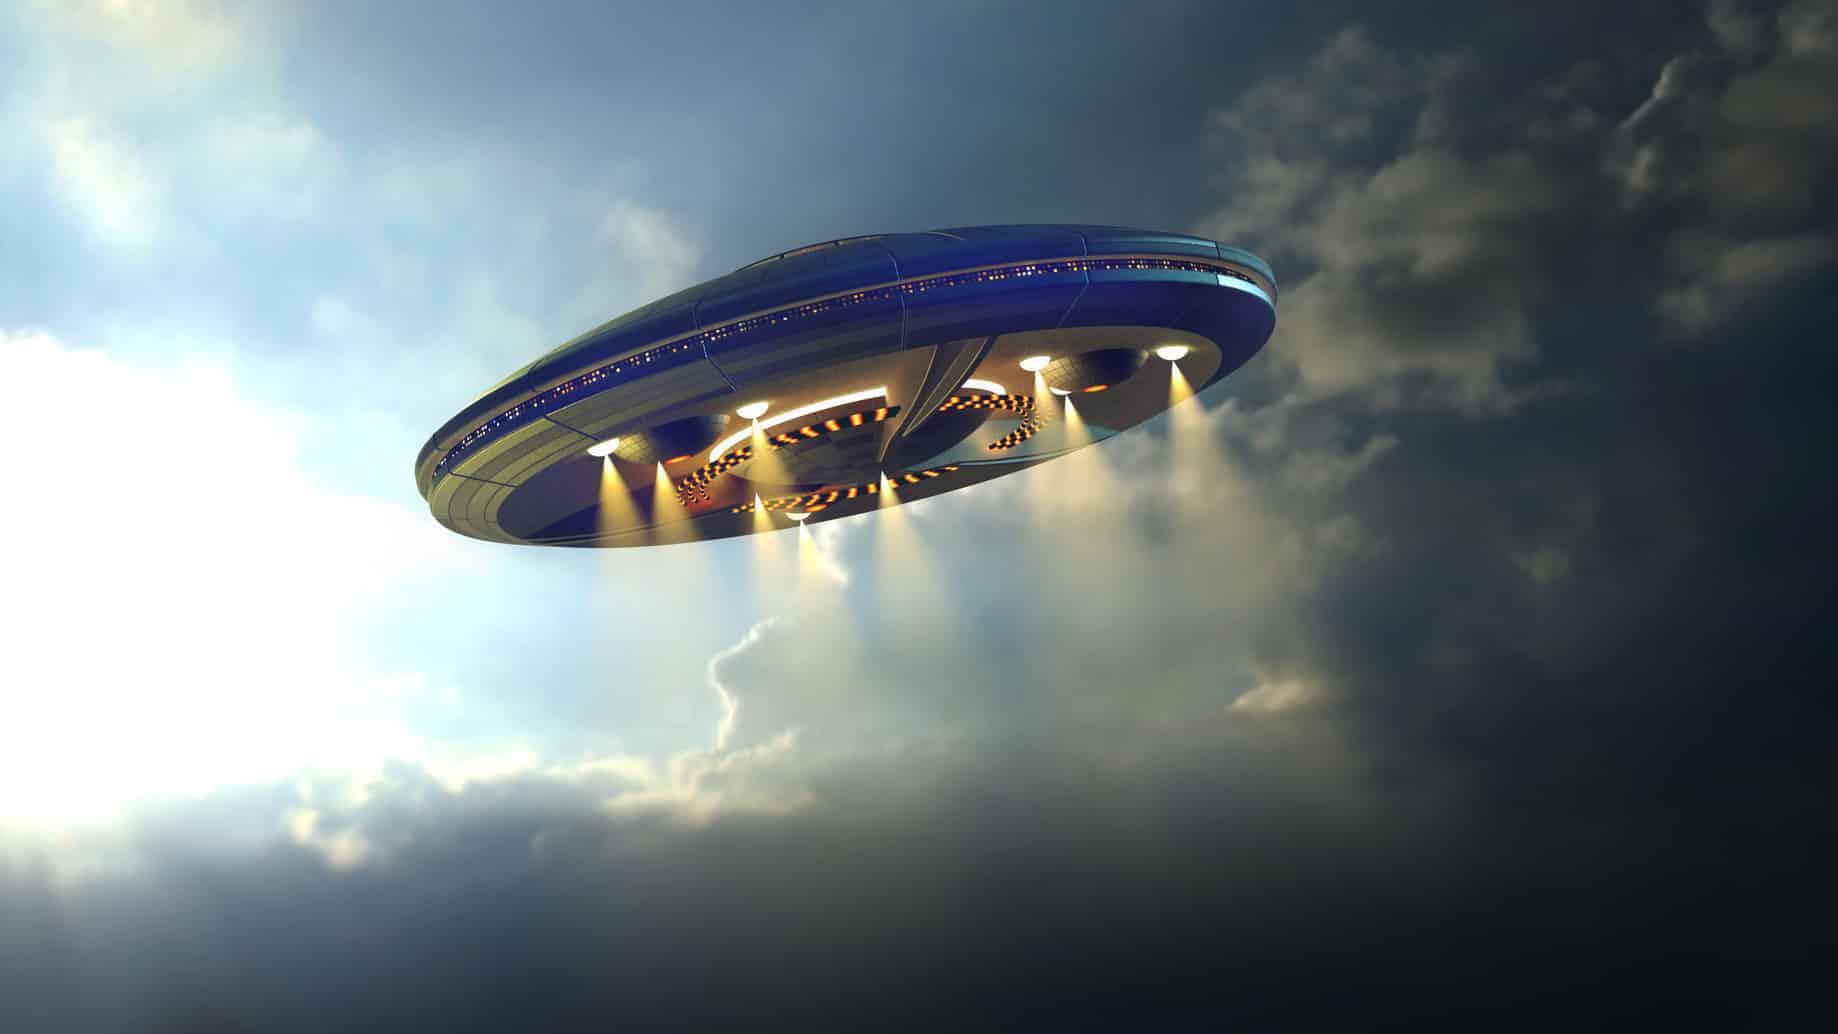 西澳警方日前公佈一段由監視器拍攝到的UFO畫面。此為UFO的示意圖。(Fotolia)